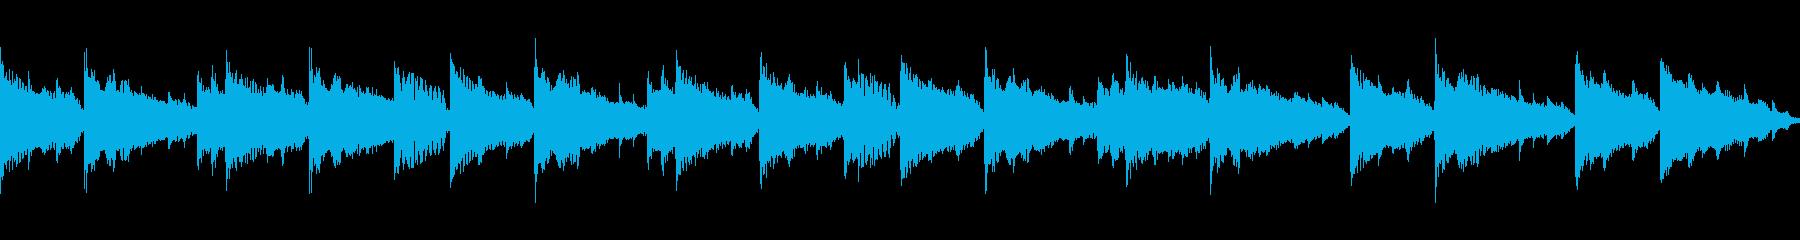 企業映像【ループ1】感動ドキュメンタリーの再生済みの波形